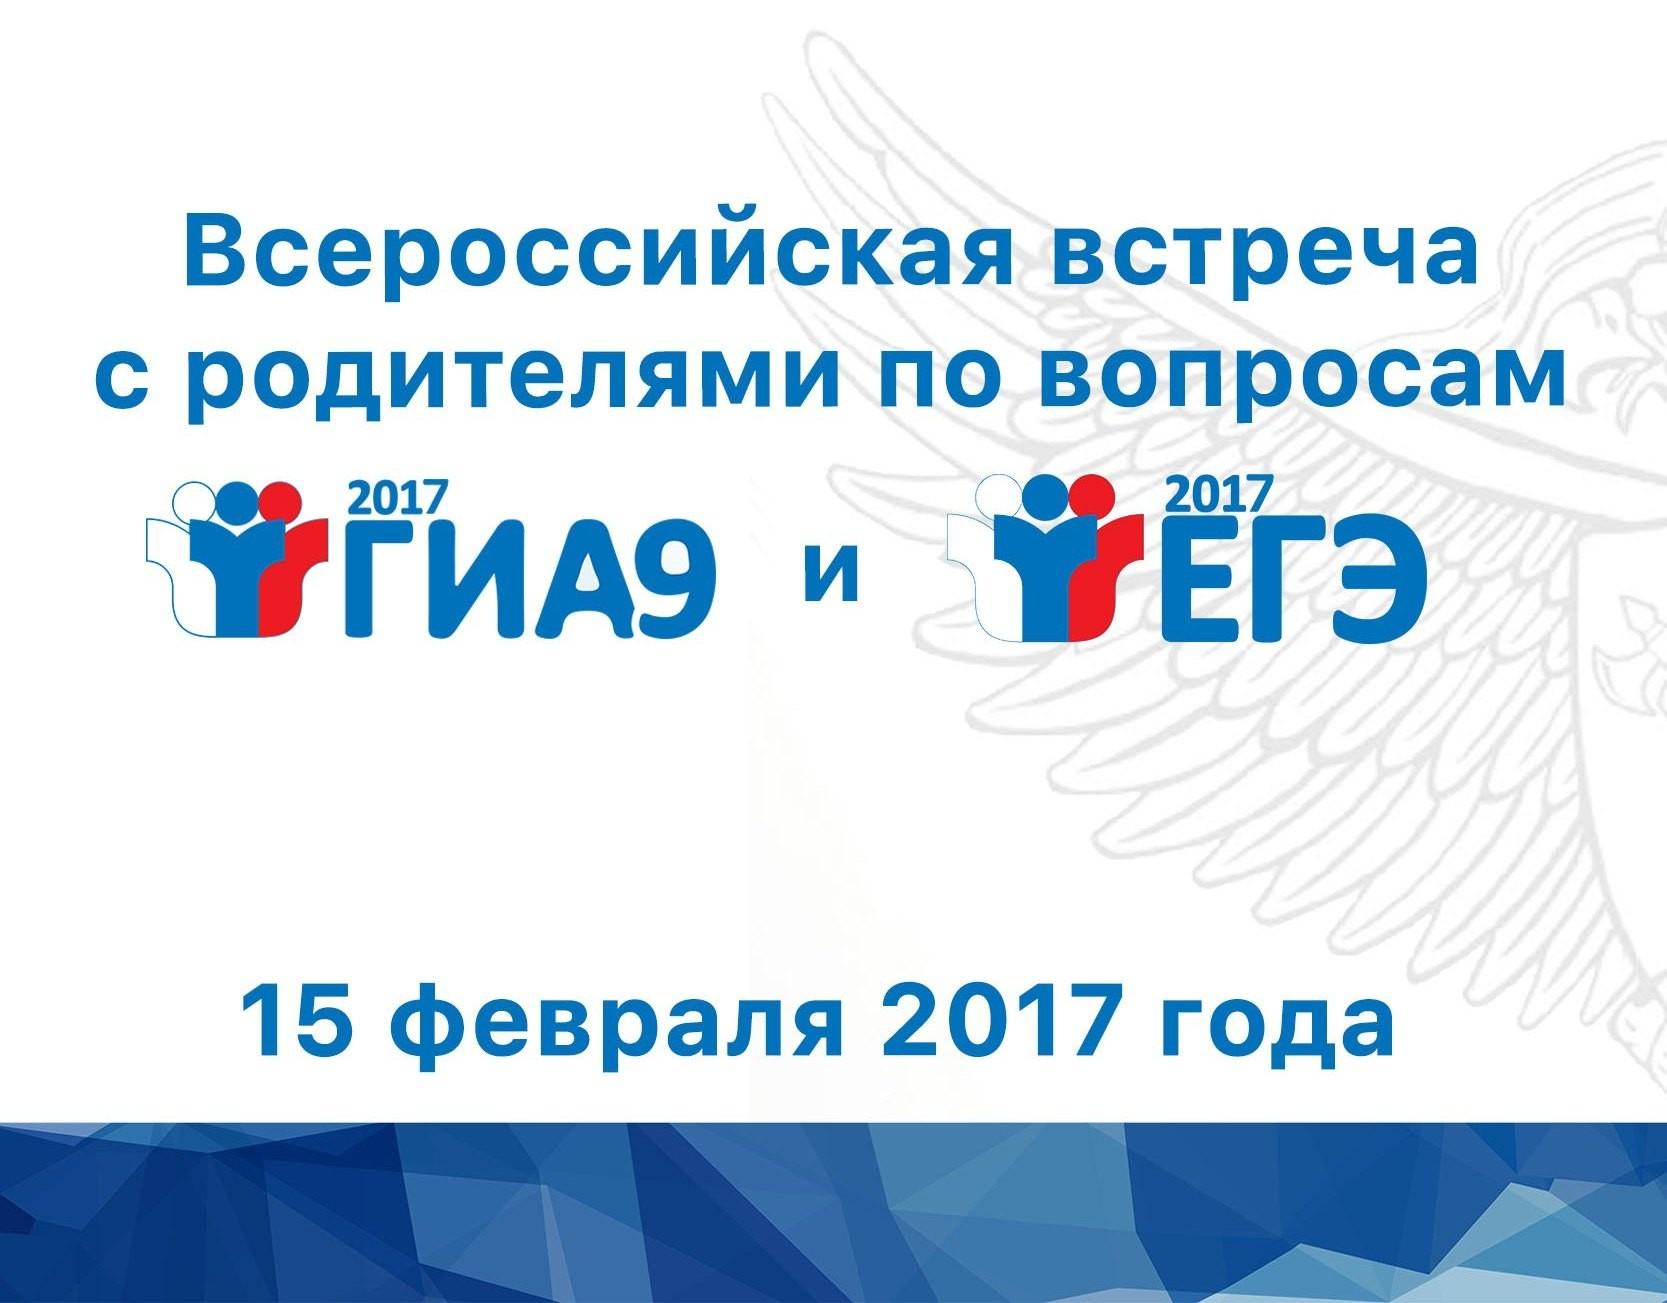 Vserossiyskaya_vstrecha_s_roditelyami_1